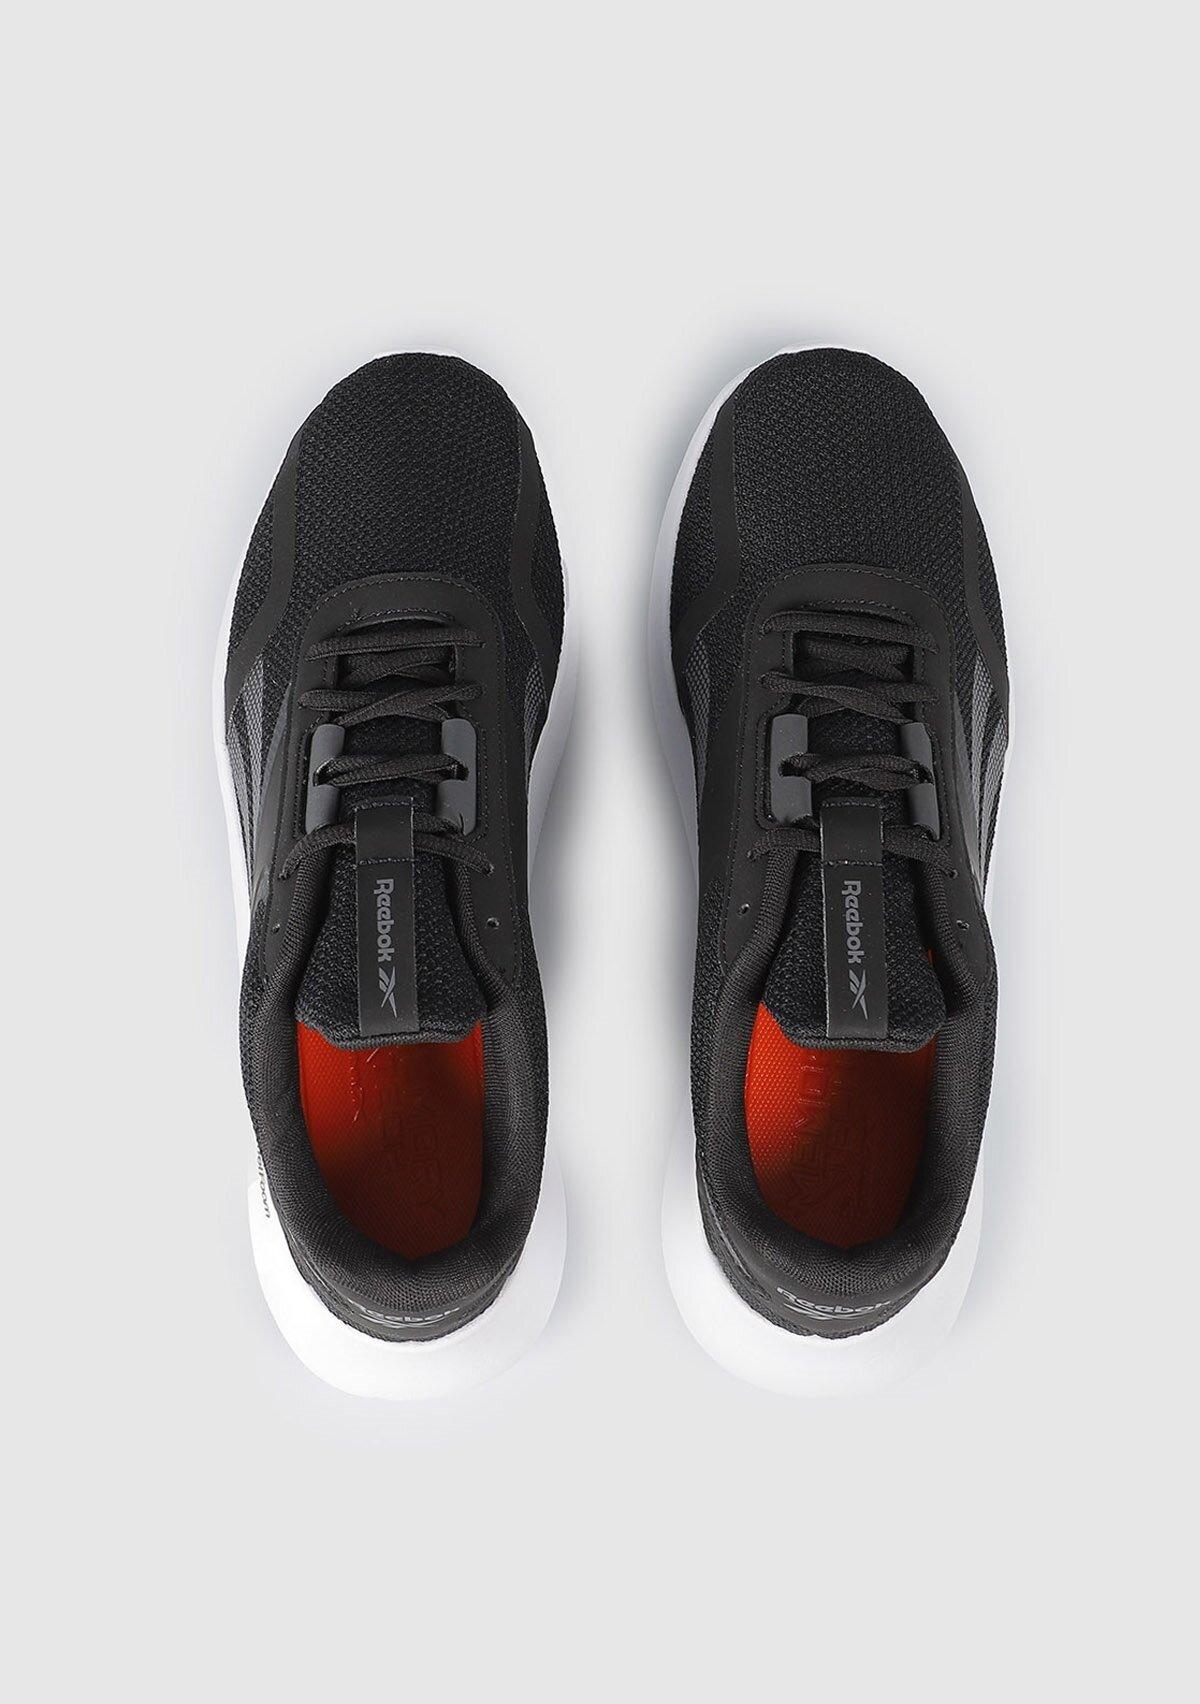 resm Energylux 2.0 Siyah Erkek Koşu Ayakkabısı Fu8632